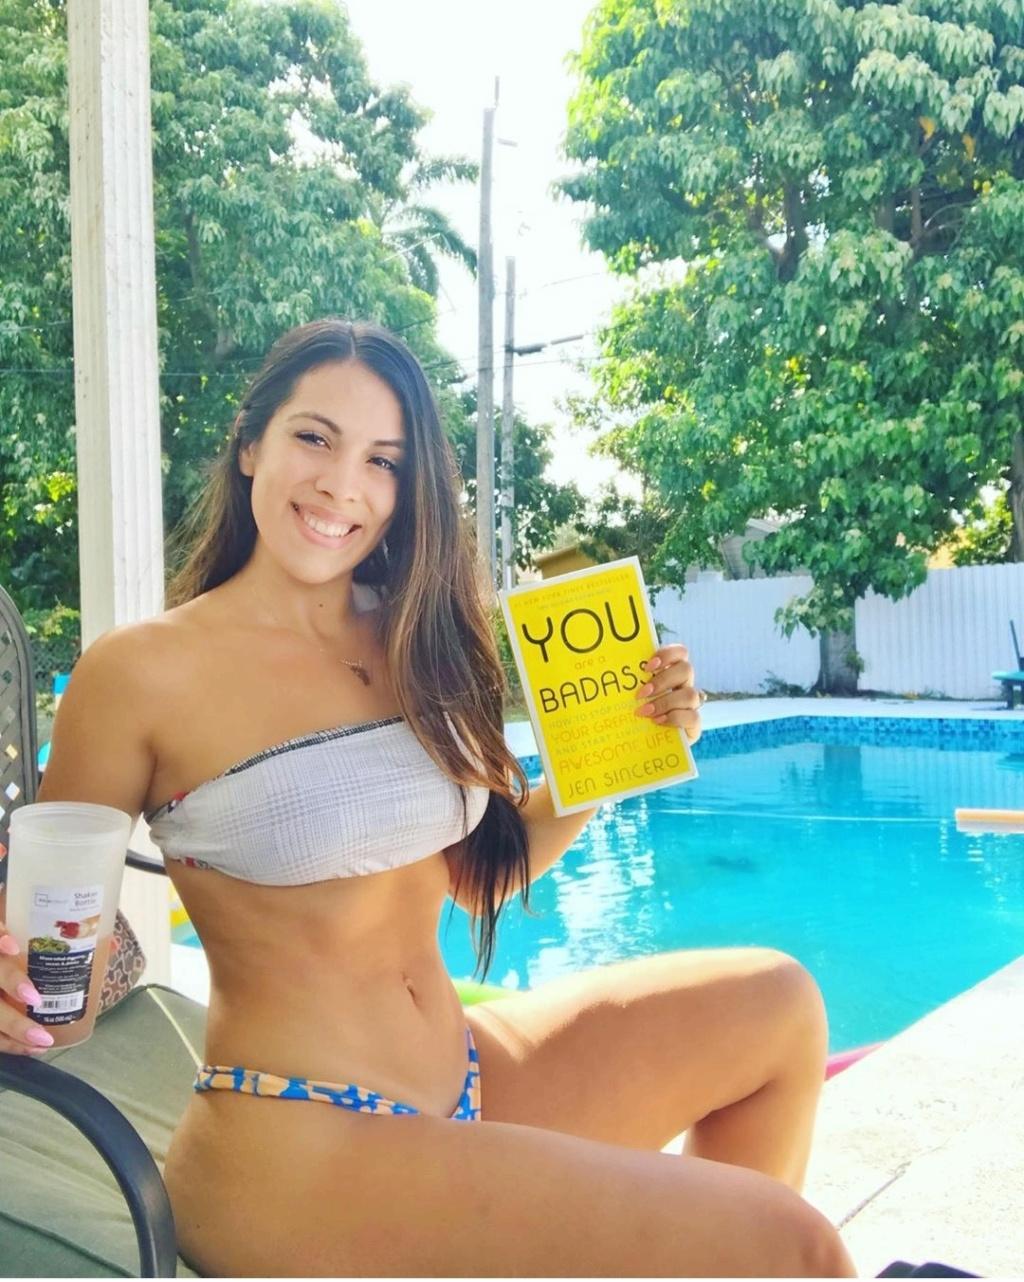 DEBATE sobre belleza, guapura y hermosura (fotos de chicas latinas, mestizas, y de todo) - VOL II - Página 7 Img_2304